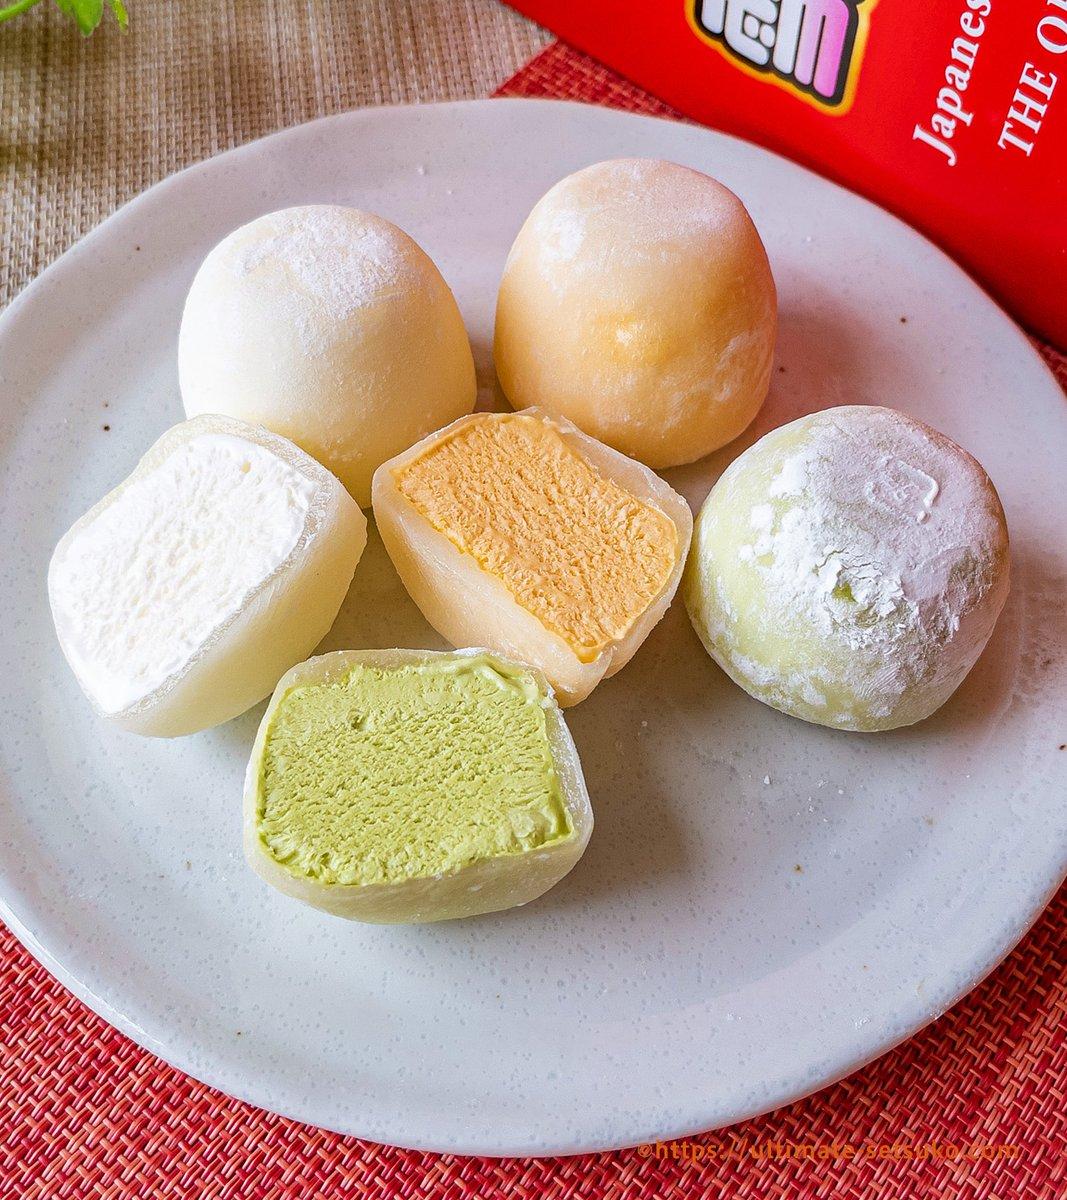 コストコで海外限定販売の雪見だいふくが販売中!日本未発売のマンゴー味も食べられると話題に!